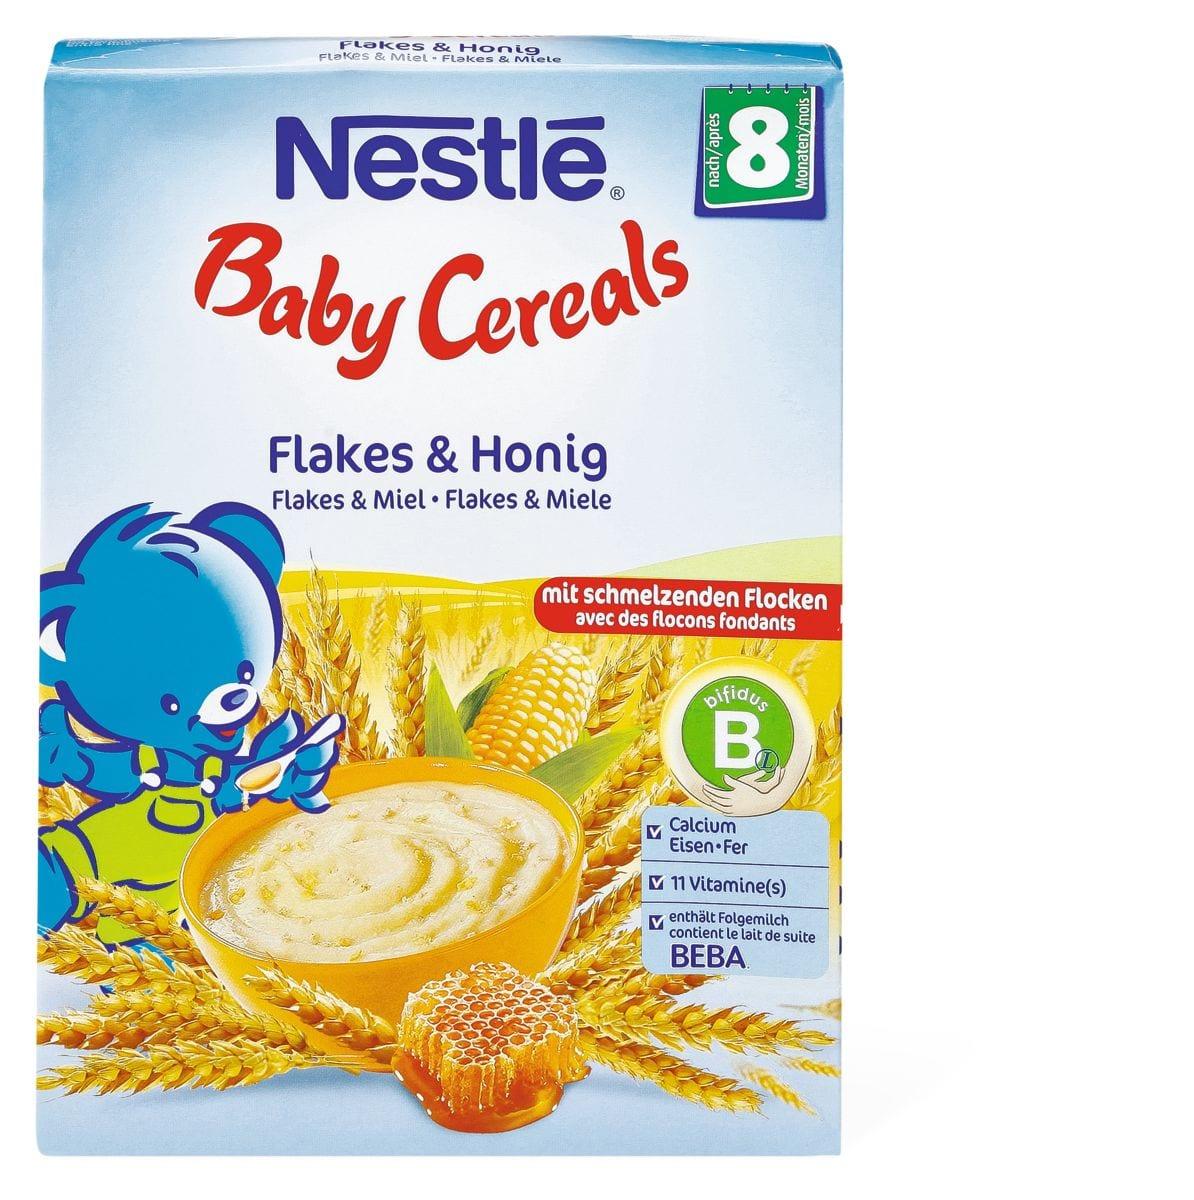 Nestlé Baby Cereals Flakes und Honig